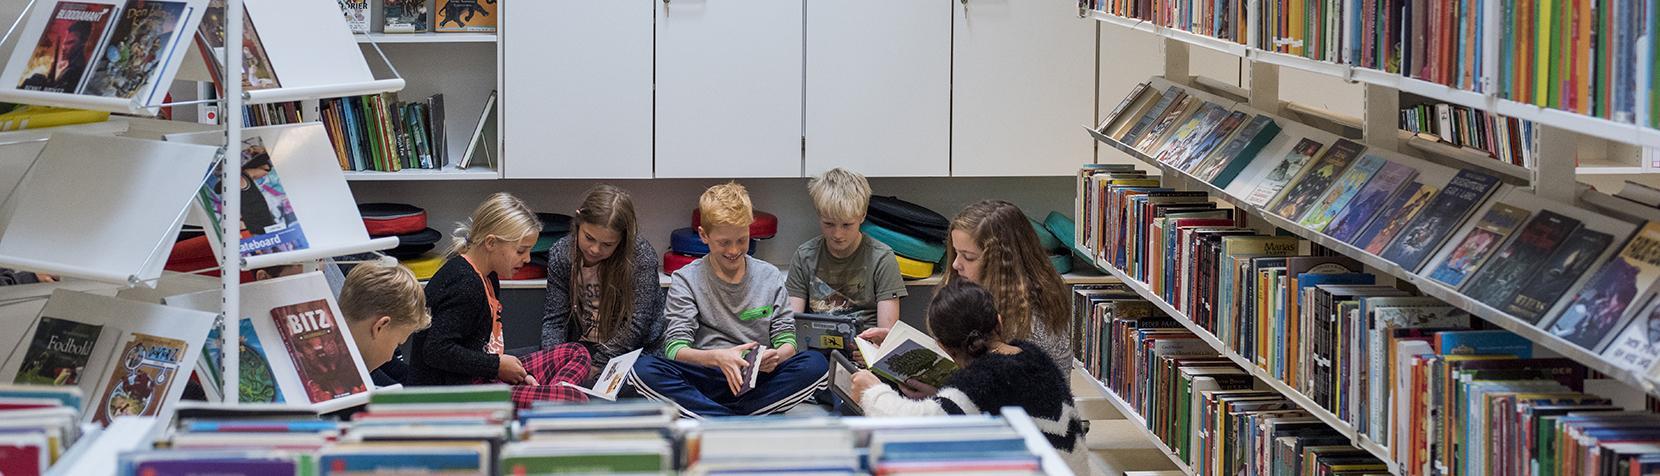 Skolebørn læser på bibliotek